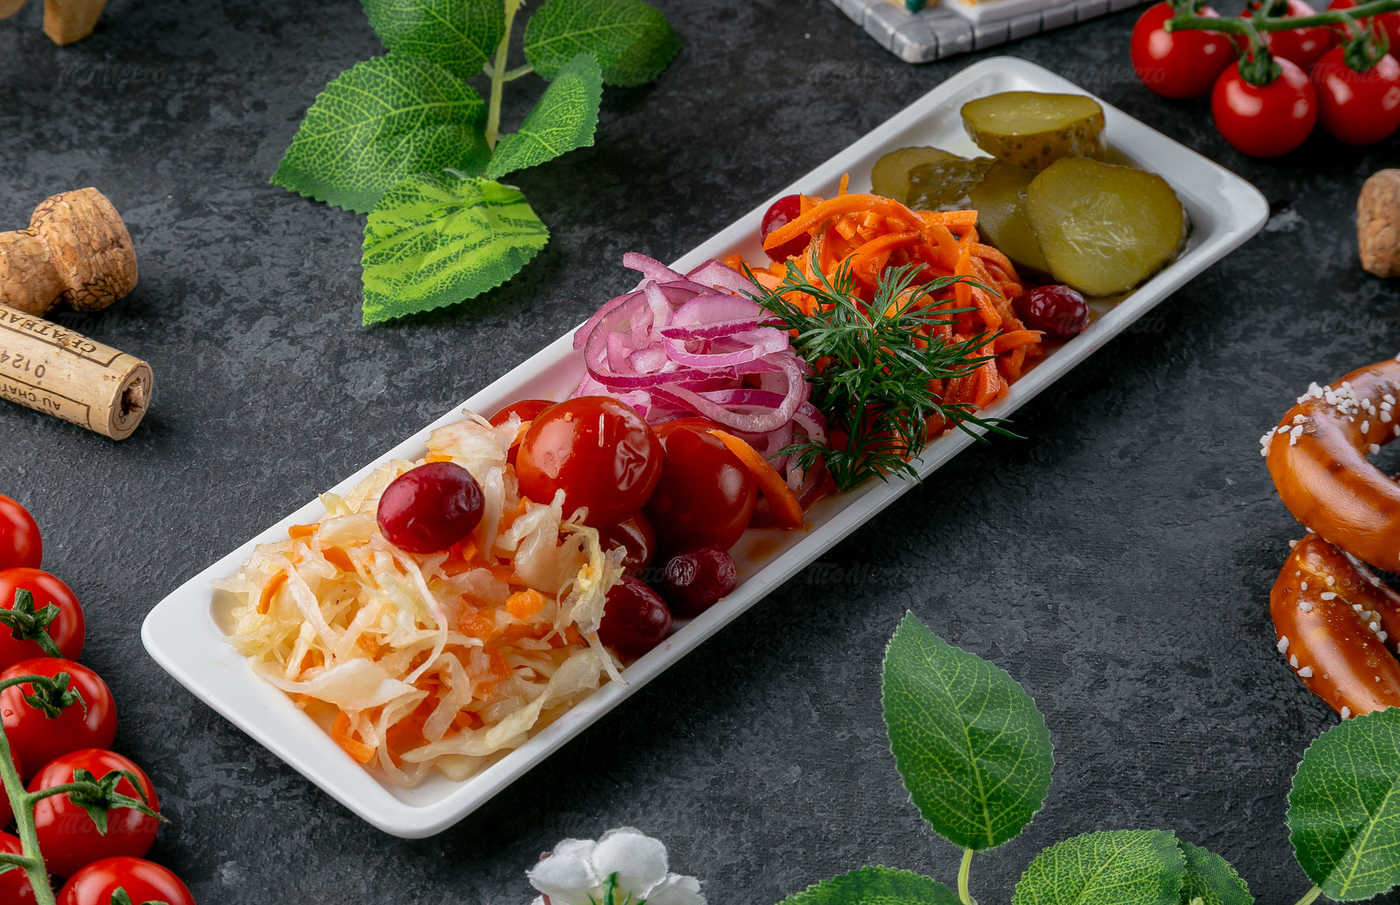 Меню ресторана Швабский Домик на Новочеркасском проспекте фото 28